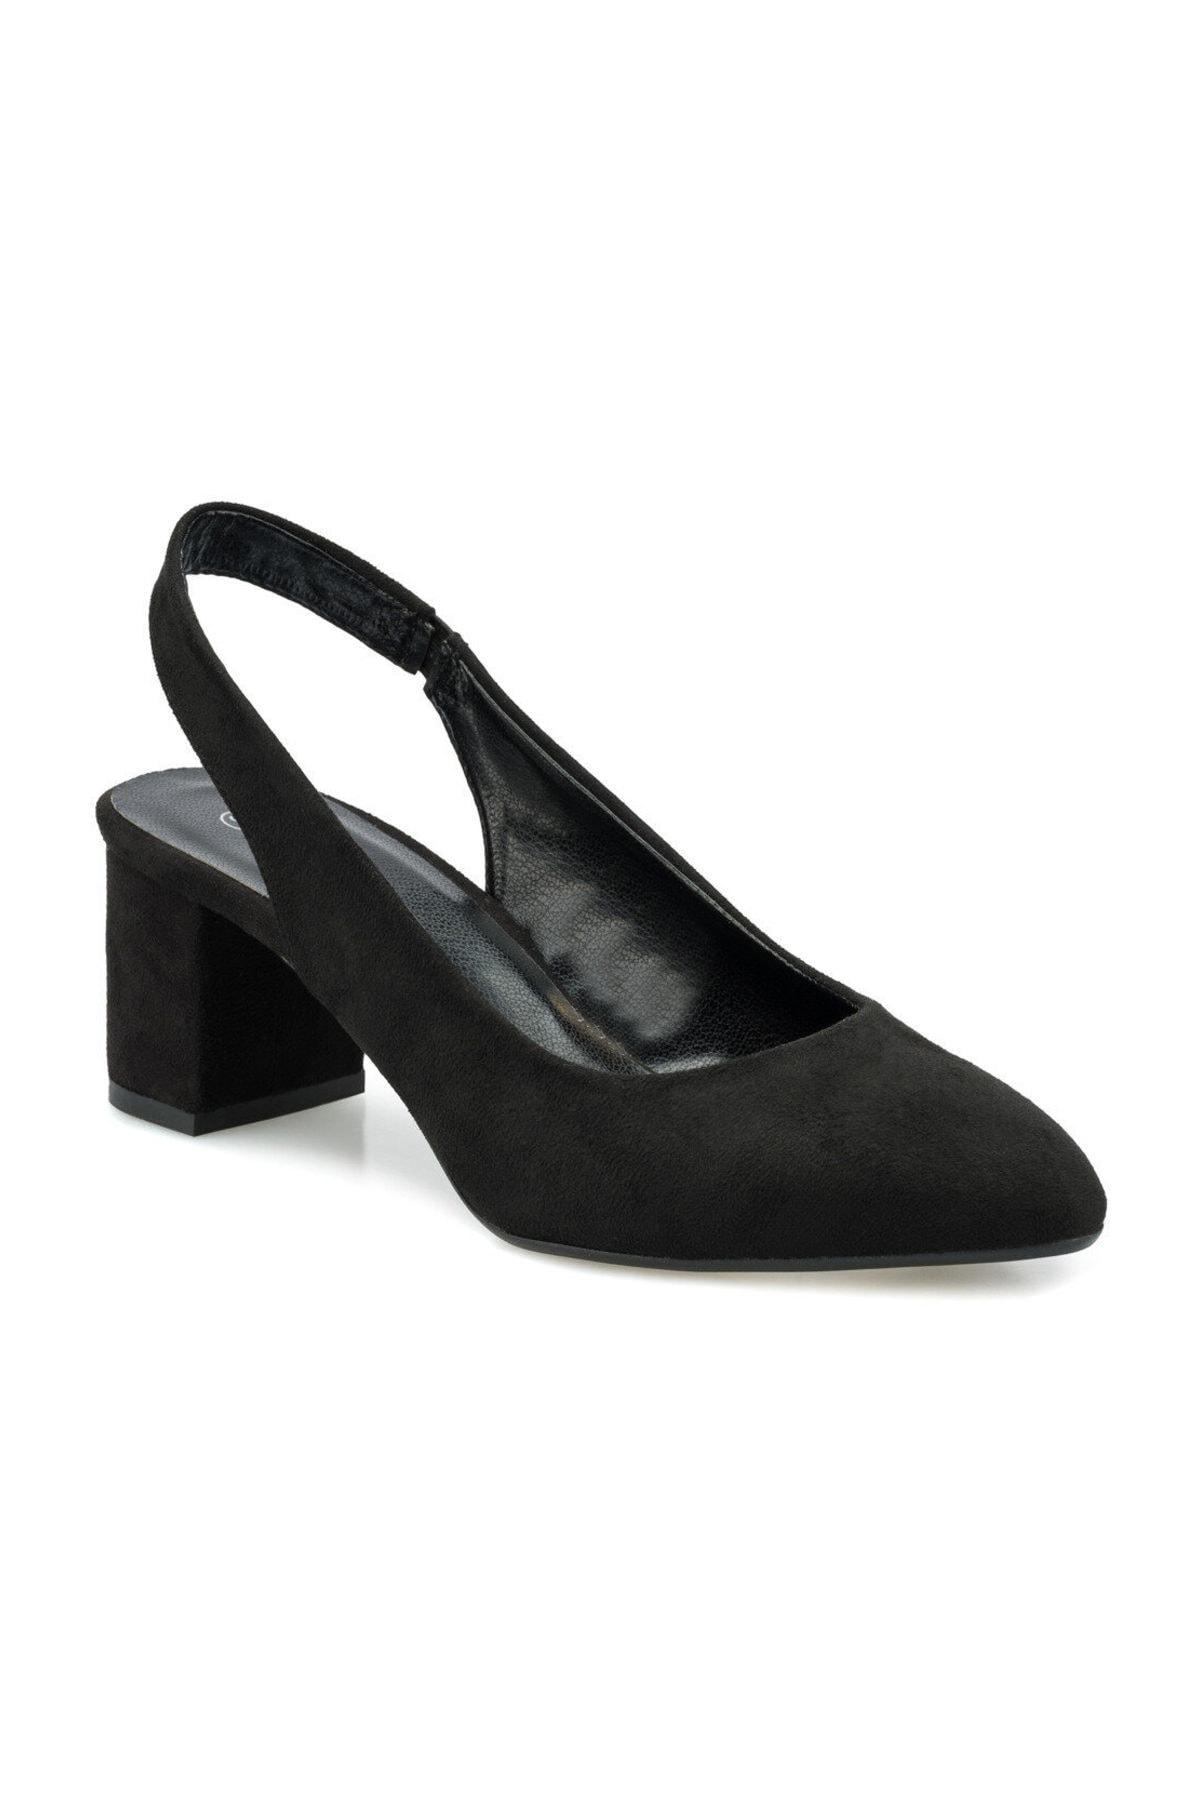 Polaris 315122.Z Siyah Kadın Gova Ayakkabı 100507142 1